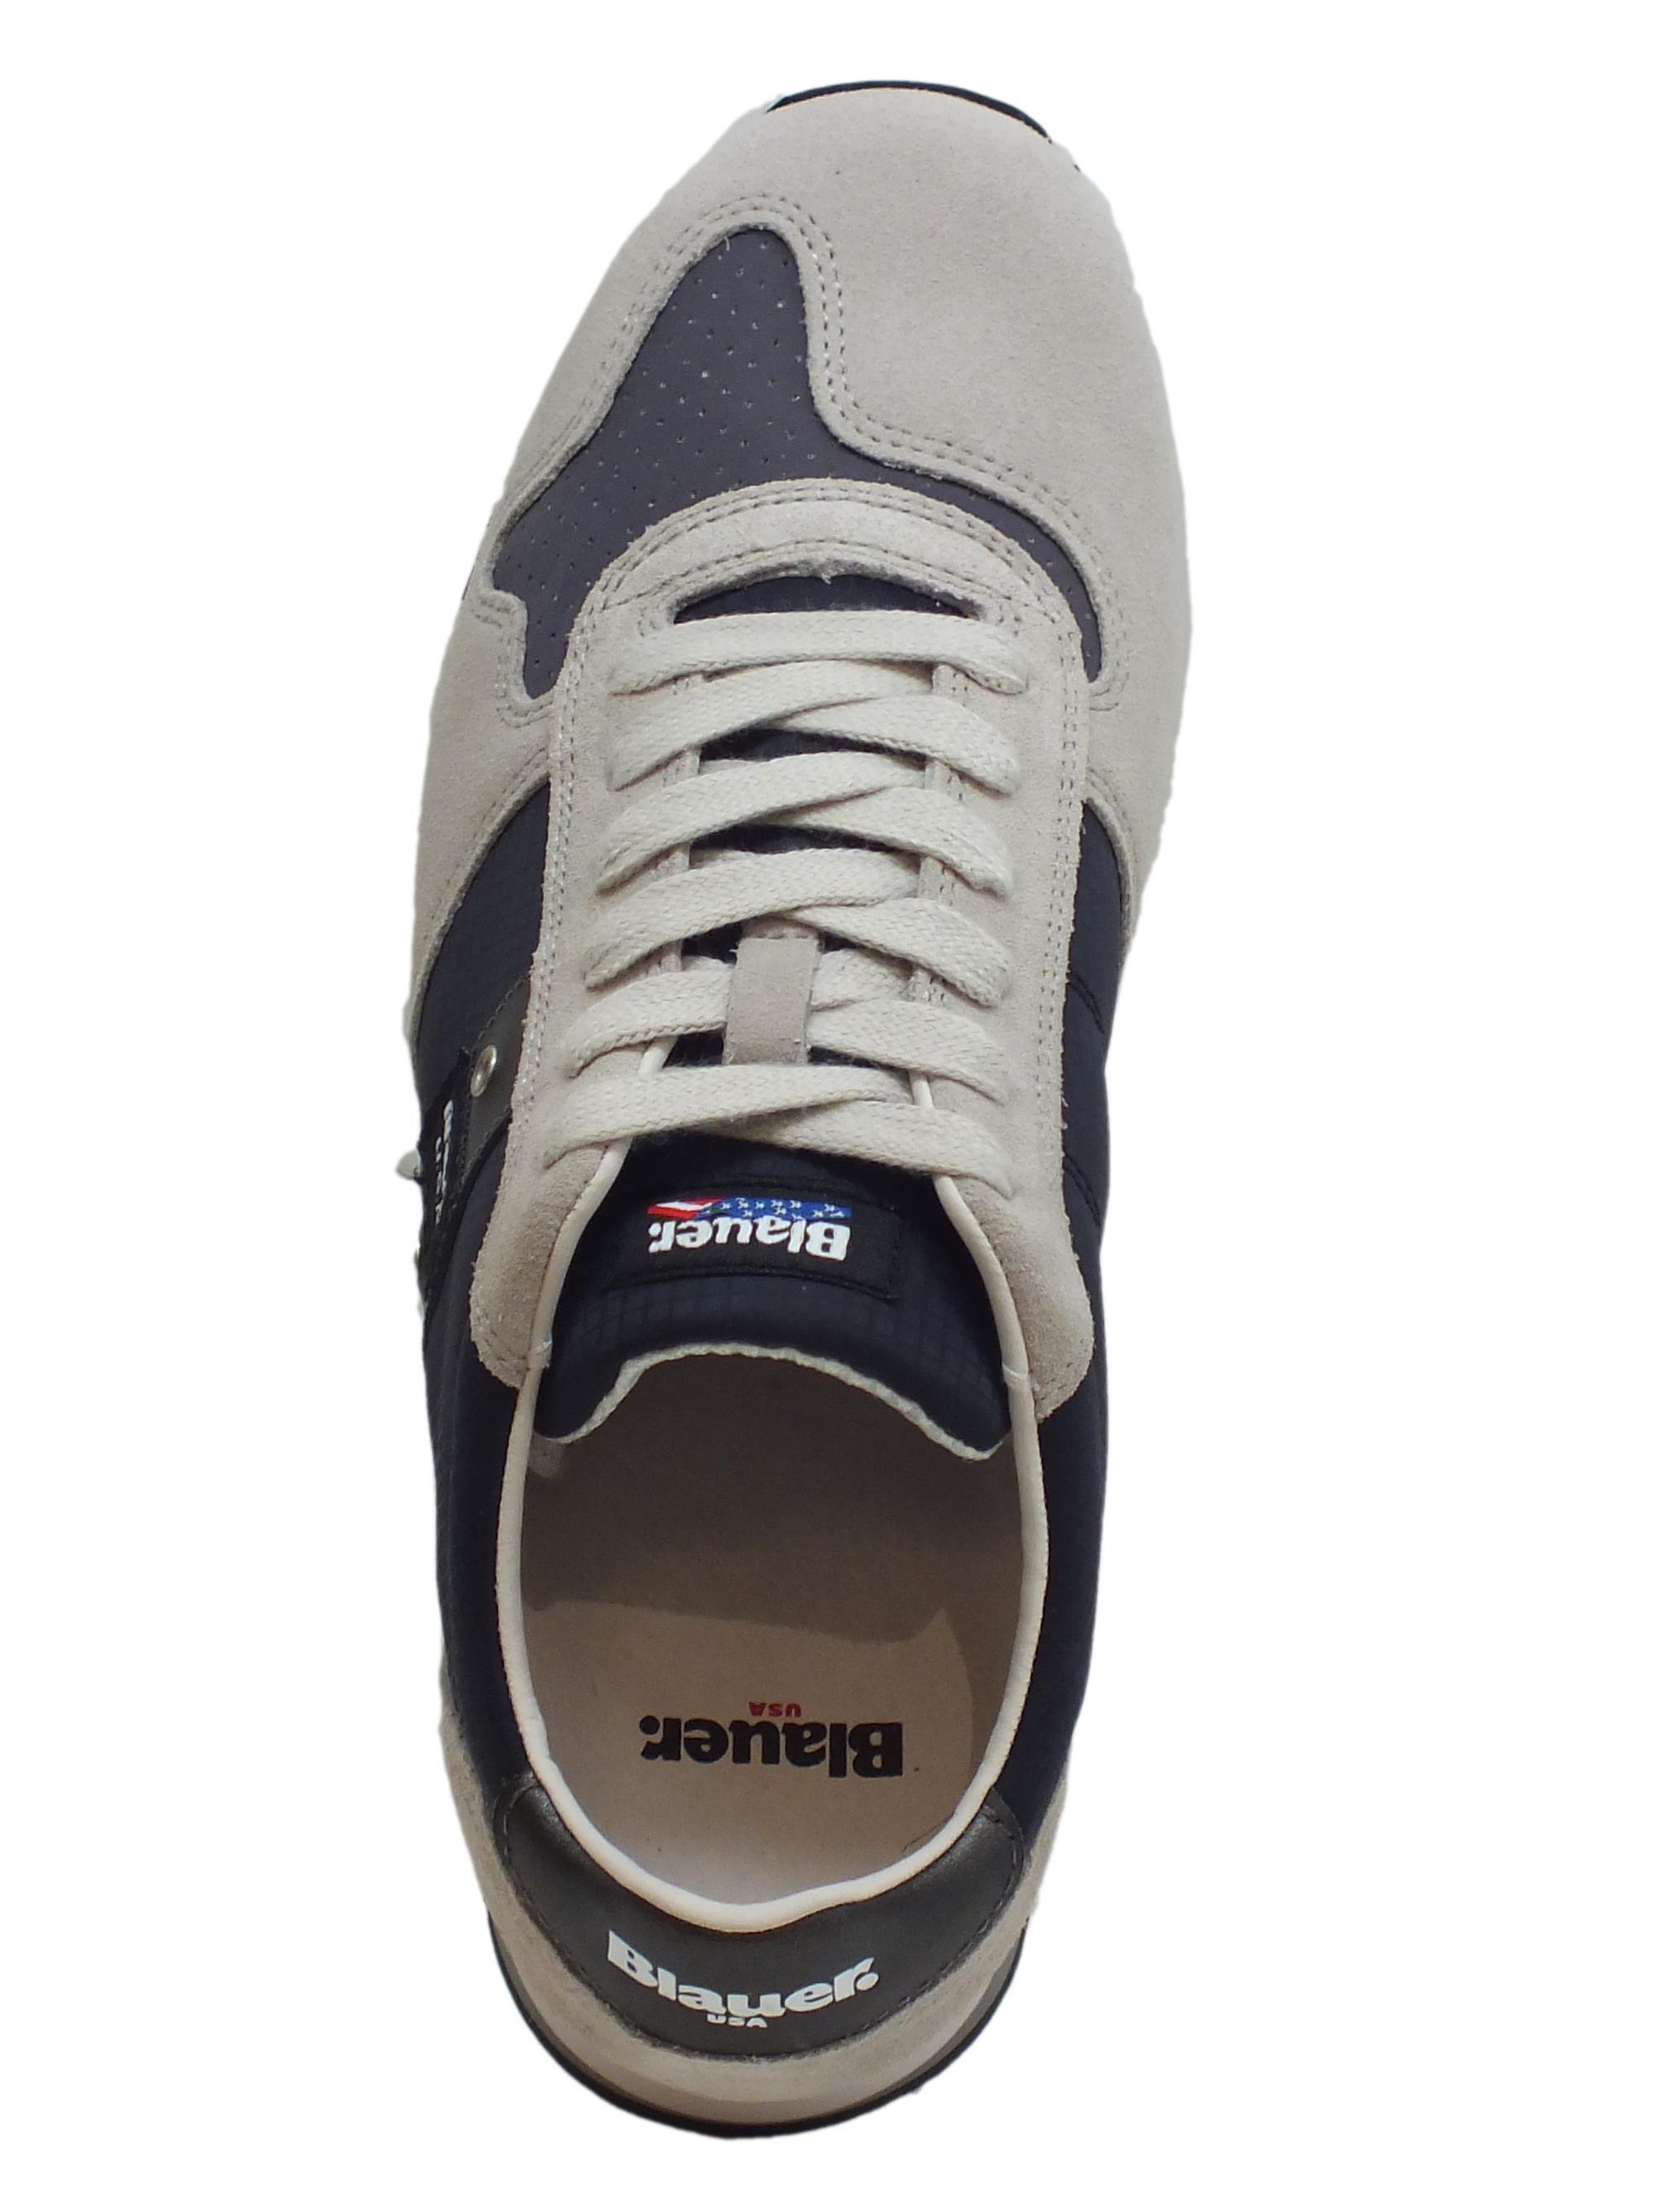 Sneakers Blauer USA uomo camoscio grigio tessuto nero - Vitiello ... ce967b556c5